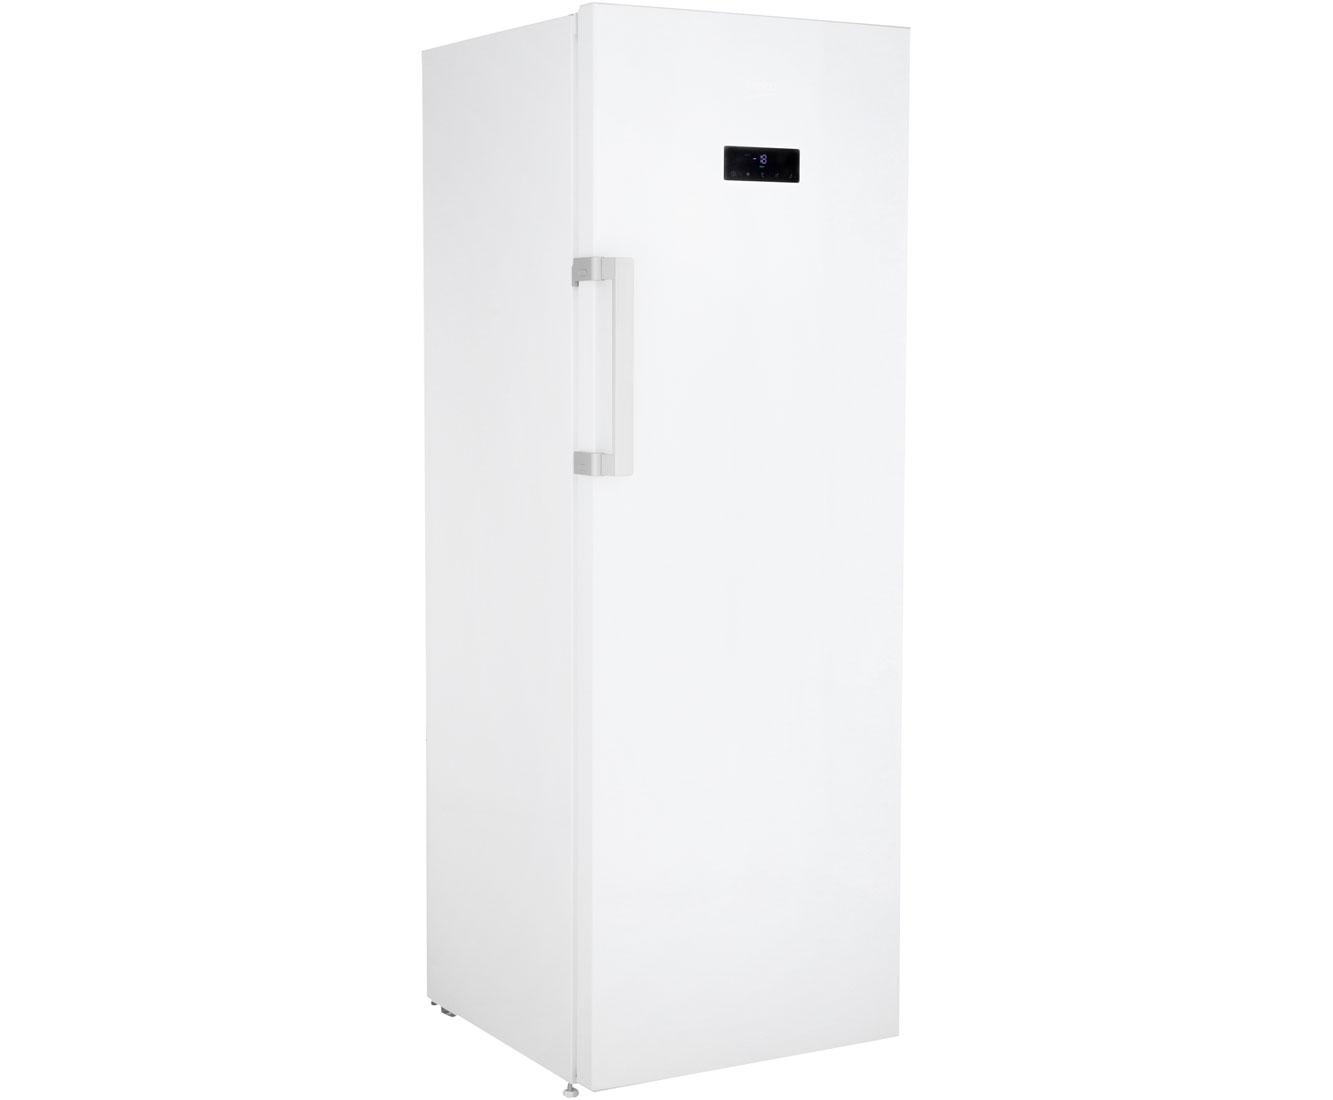 Siemens Kühlschrank Celsius Fahrenheit : Gefrierschrank constructa preisvergleich u2022 die besten angebote